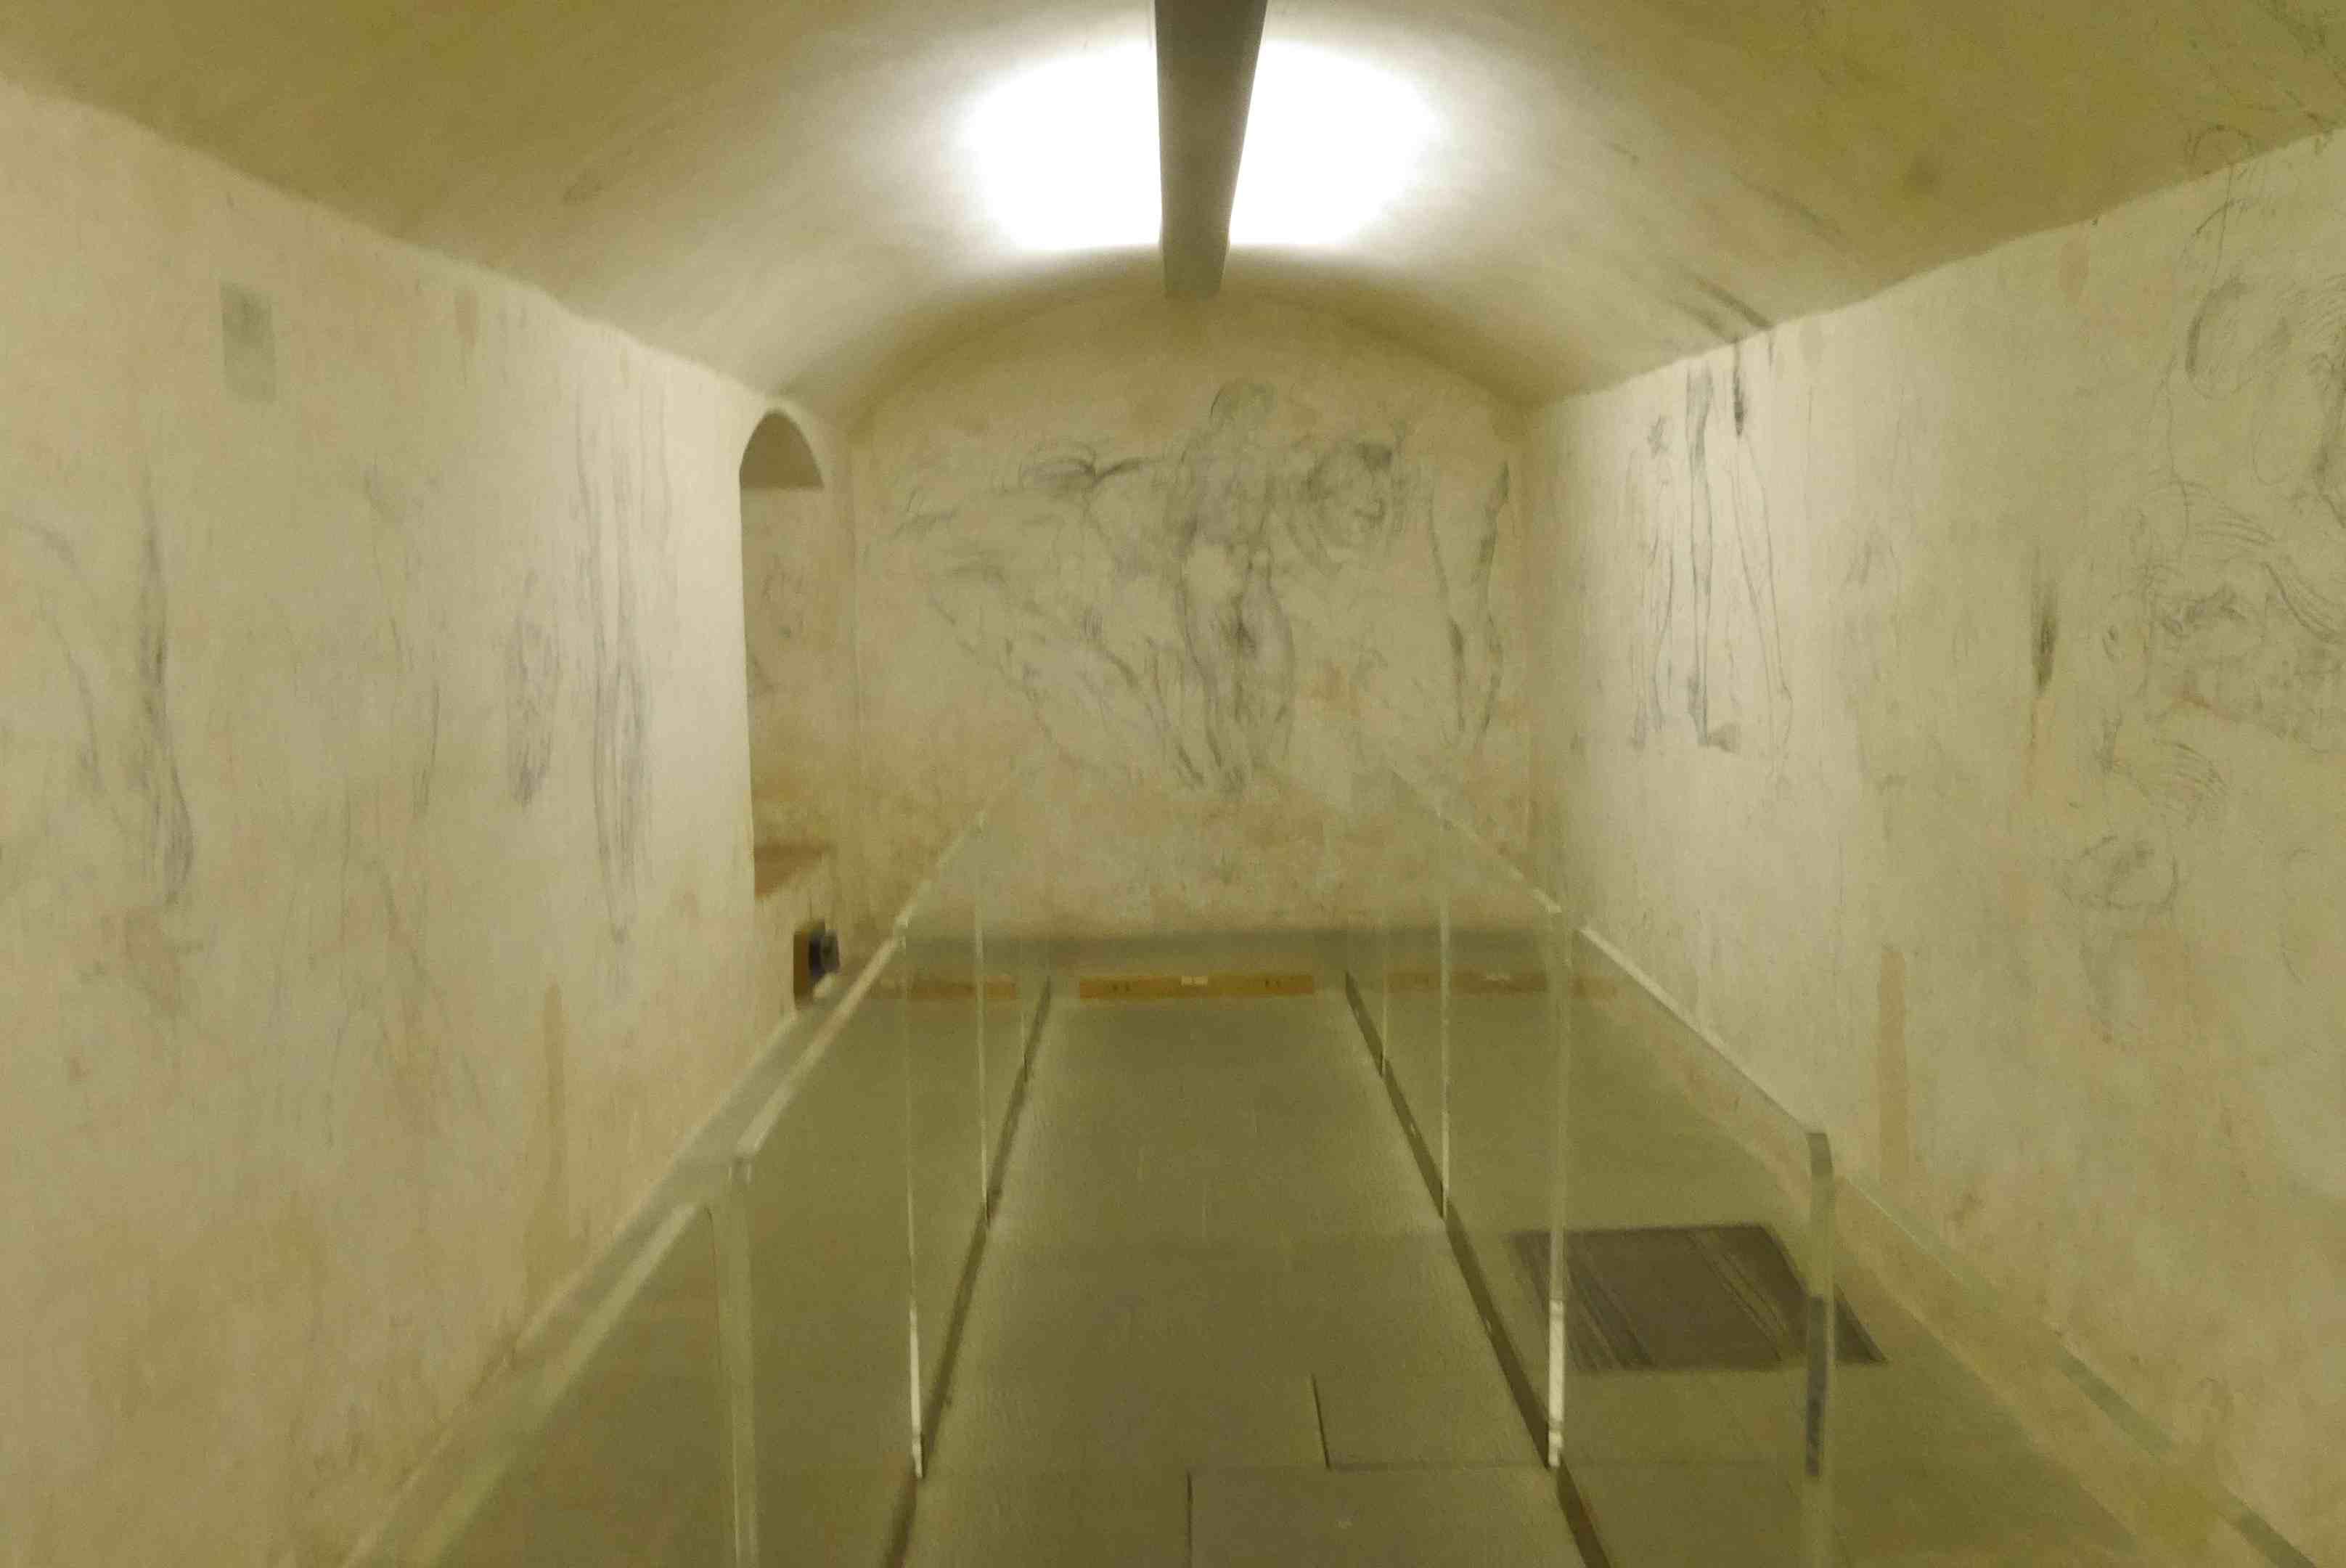 Chambre secrète Michelangelo Alidifirenze